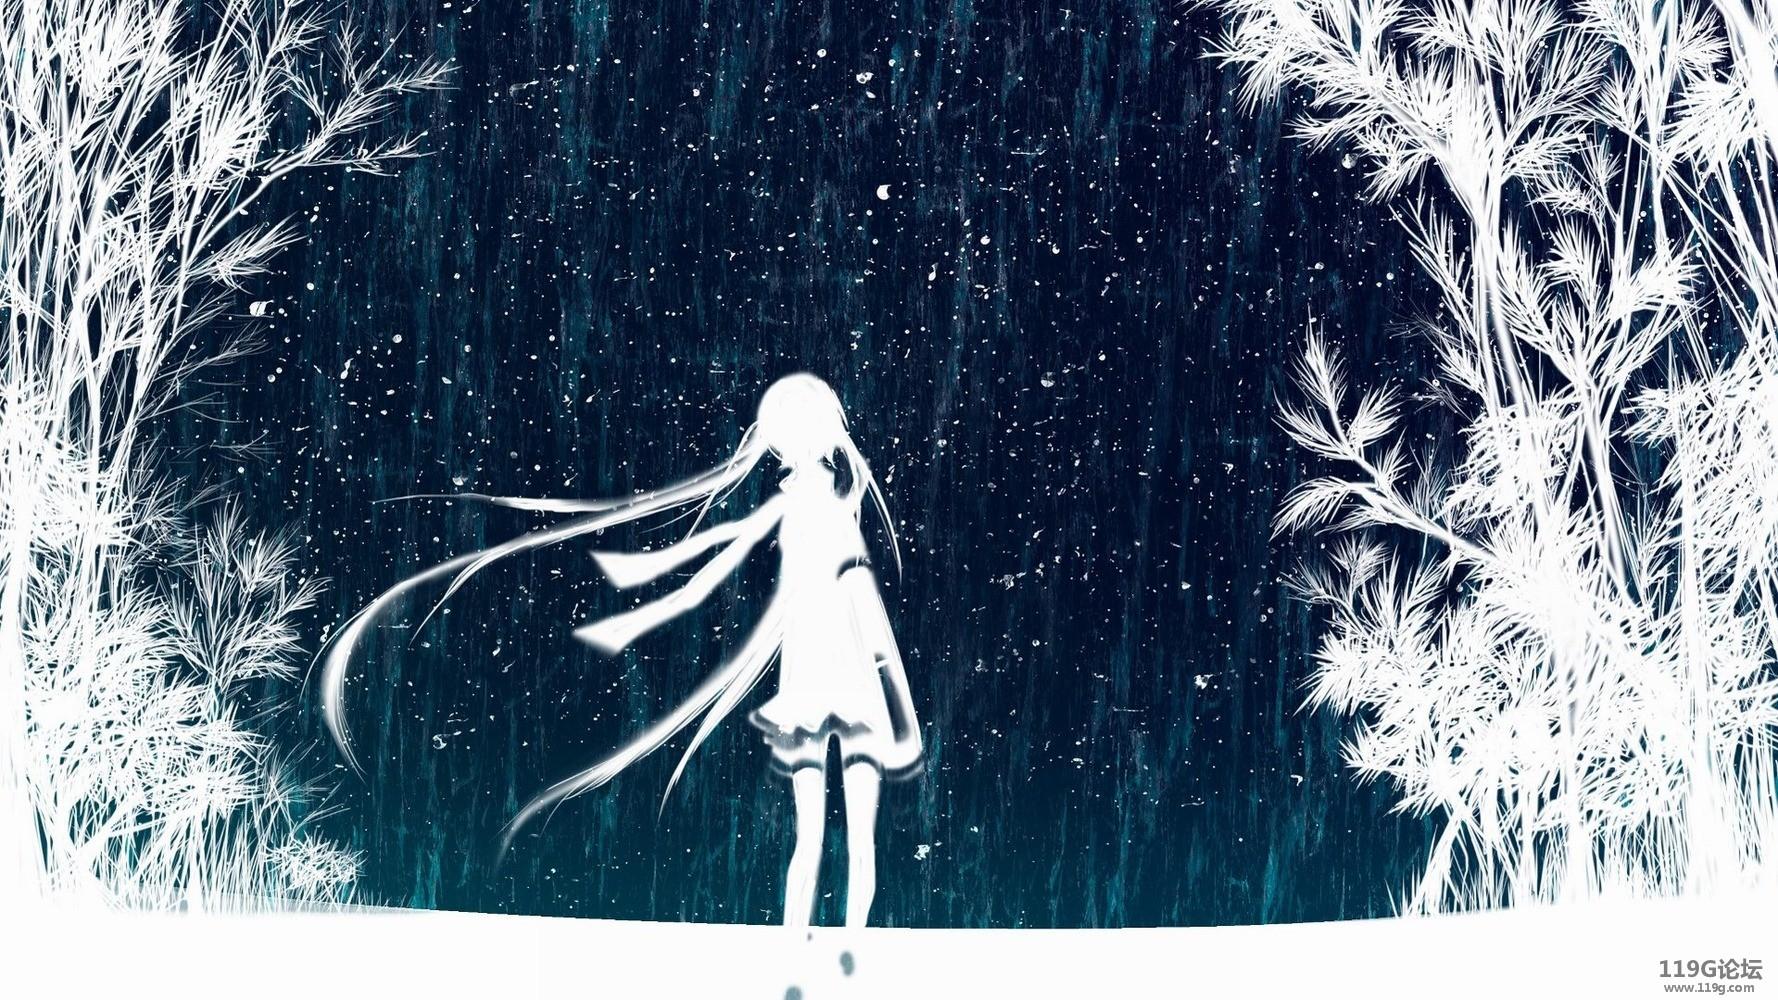 【音乐推荐】雪の降る街 飘雪的街